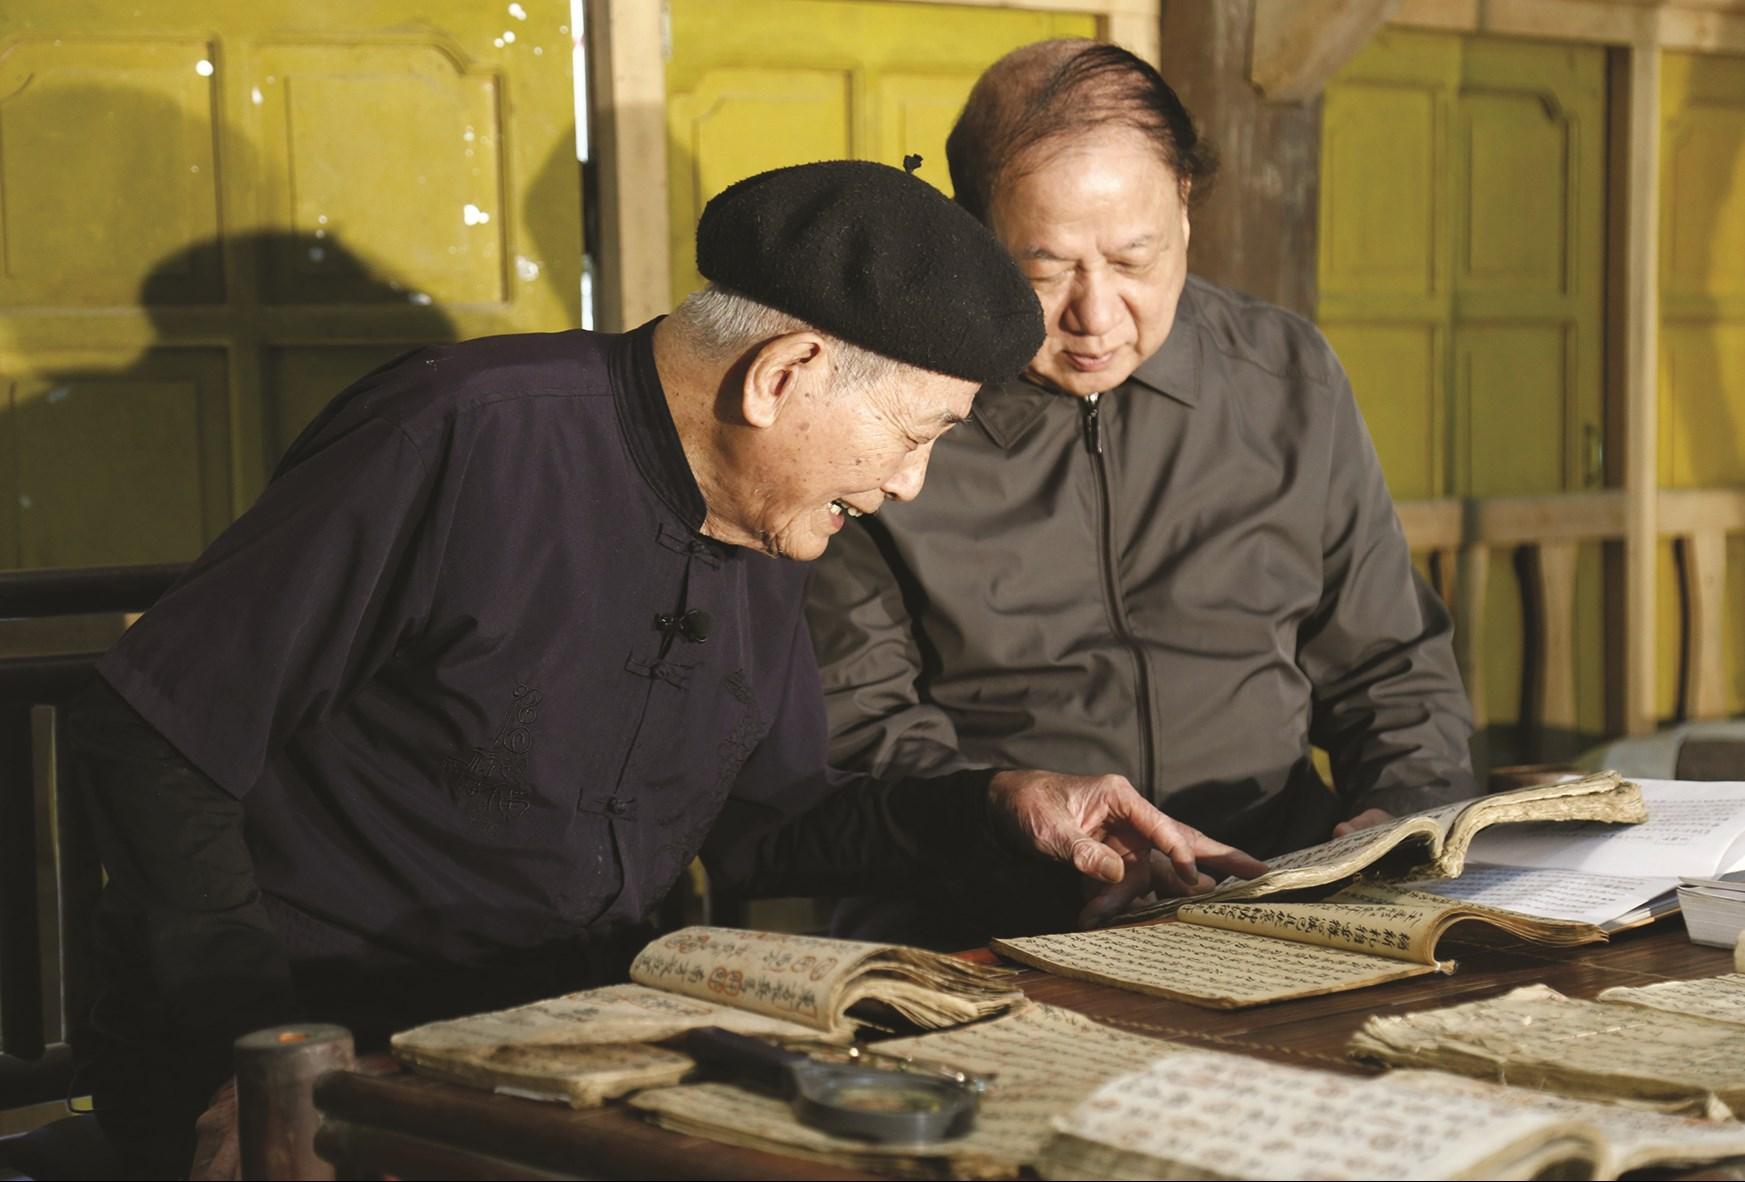 Nghệ nhân Lương Long Vân (bên trái) luôn say mê nghiên cứu biên dịch chữ Nôm Tày